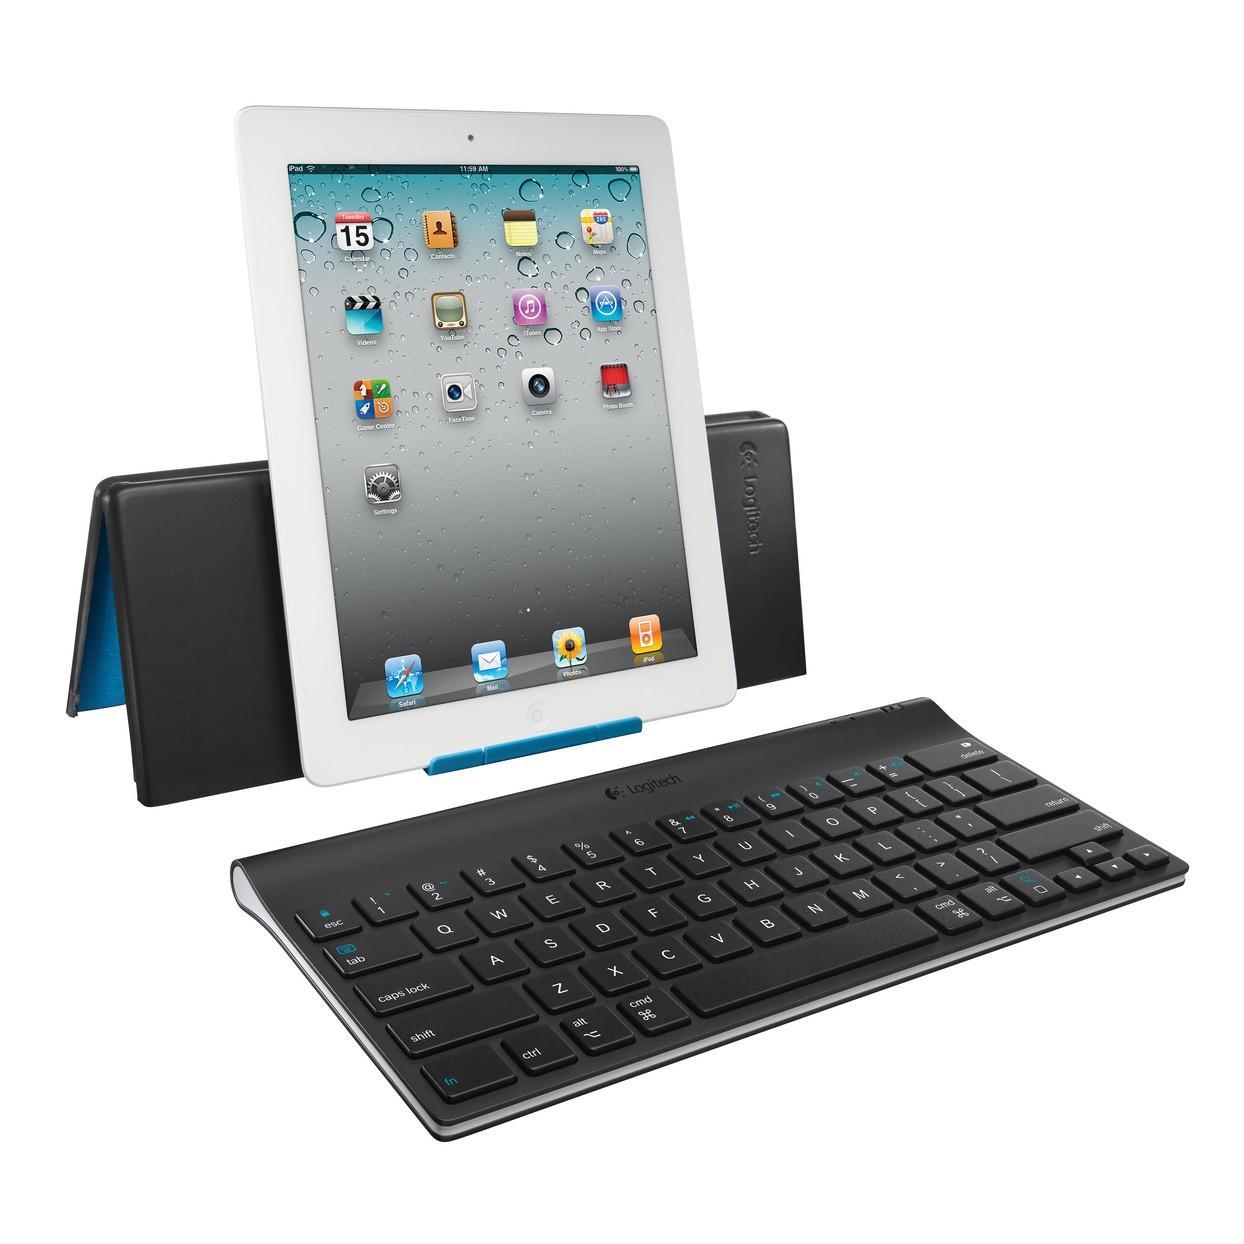 Logitech Tablet Keyboard DK til iPad - Sort